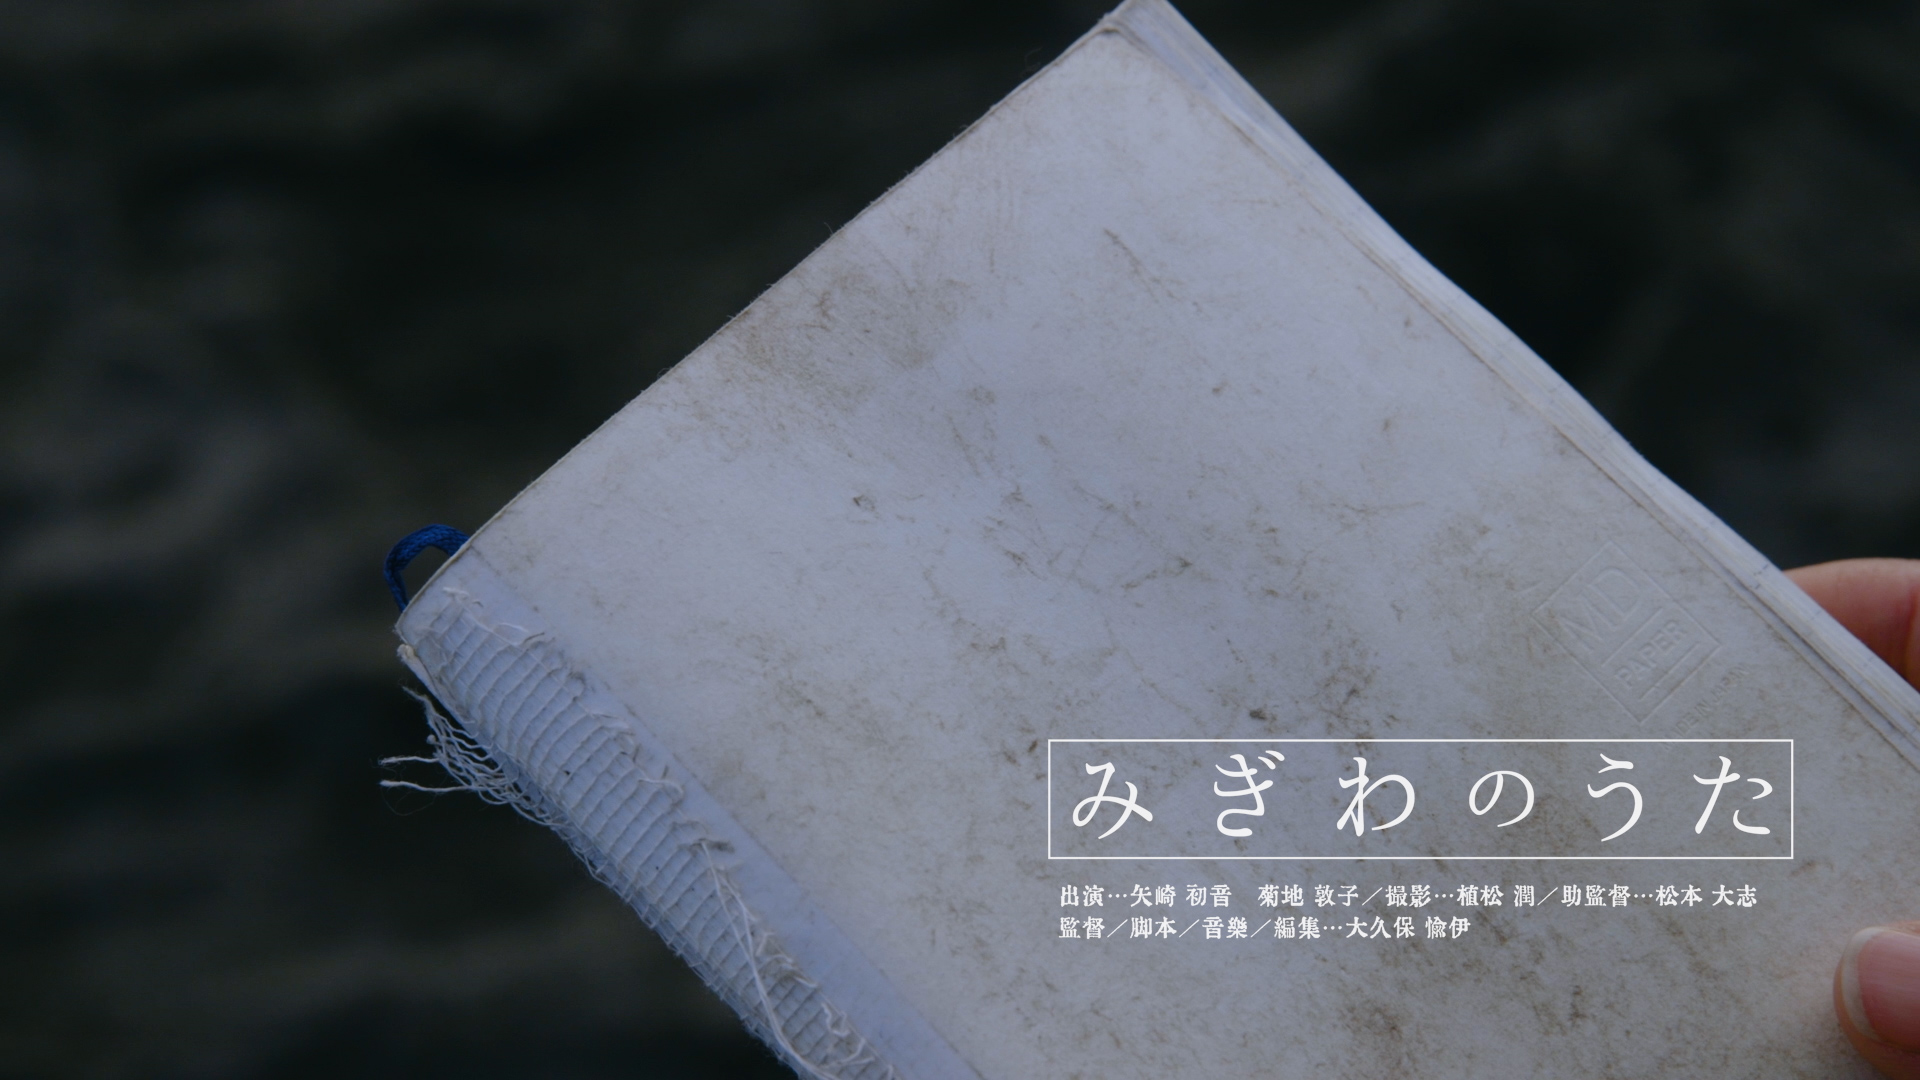 『みぎわのうた』 大久保愉伊監督 2018